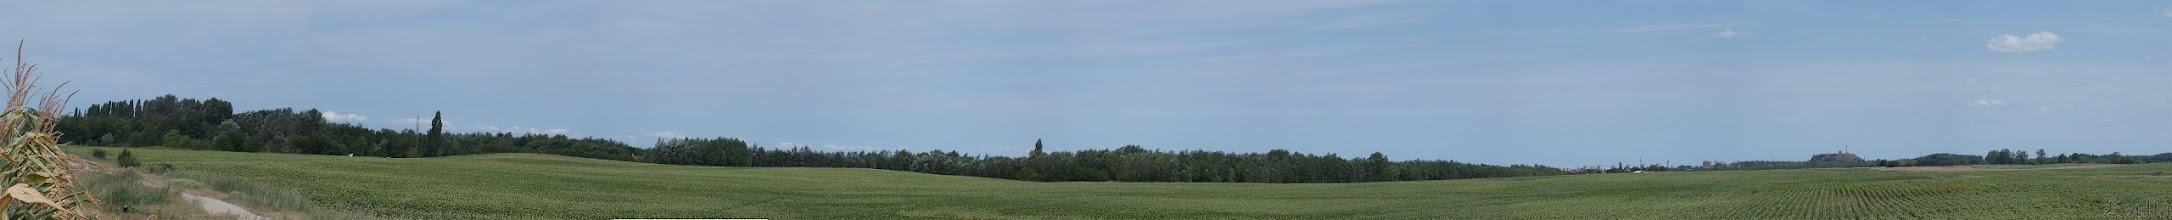 Photo: Sík táj, távolban Kecskemét látszik.